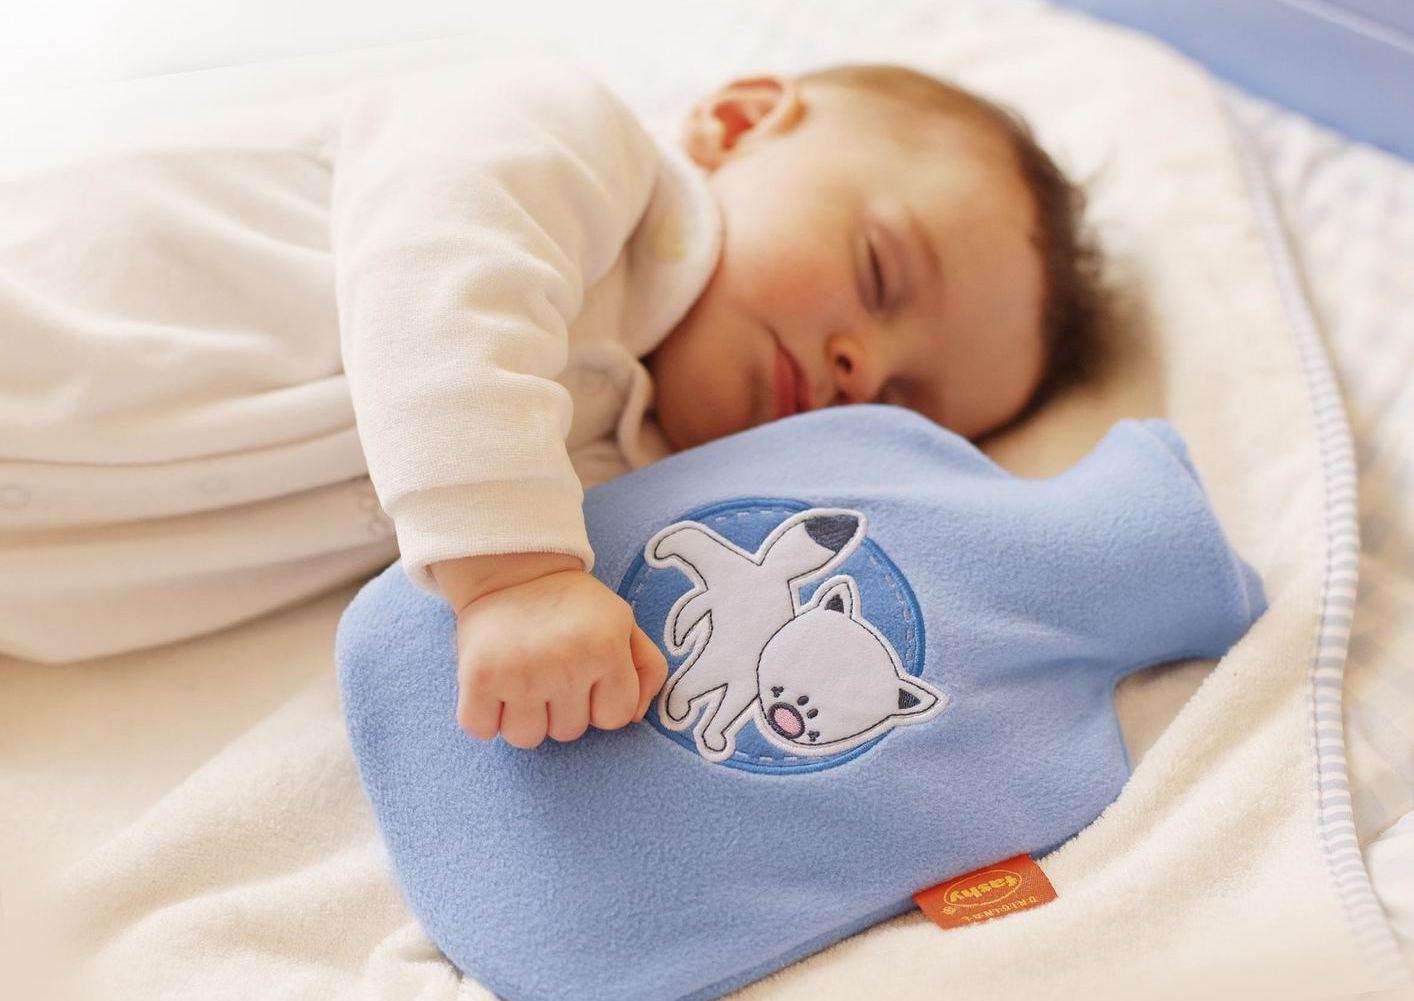 Прежде всего, ребенка необходимо согреть, можно положить в постель грелку